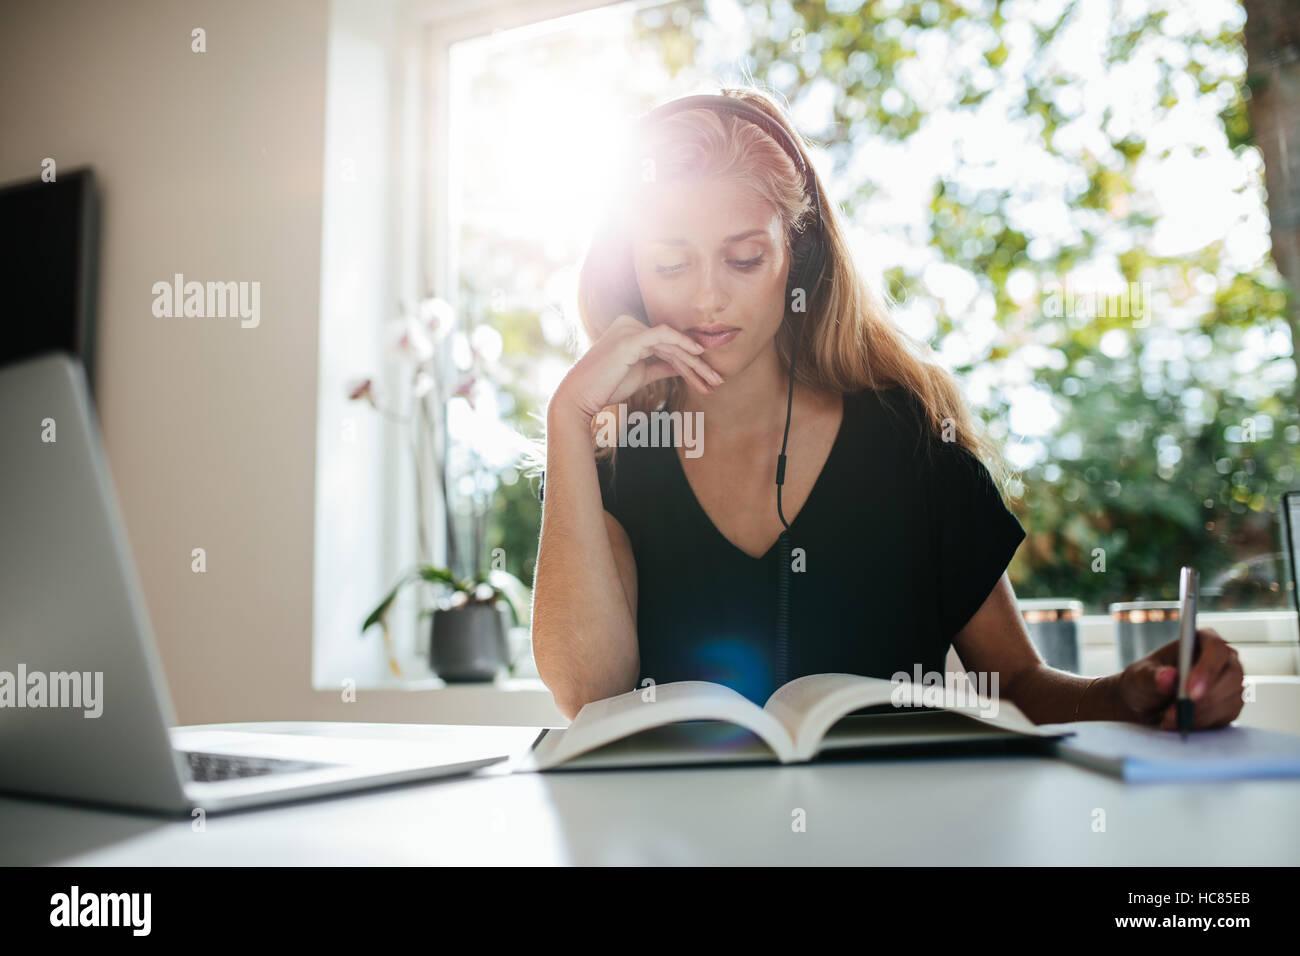 Giovane donna seduta a tavola con laptop e prendendo appunti nel libro. Studentessa studiare a casa. Foto Stock